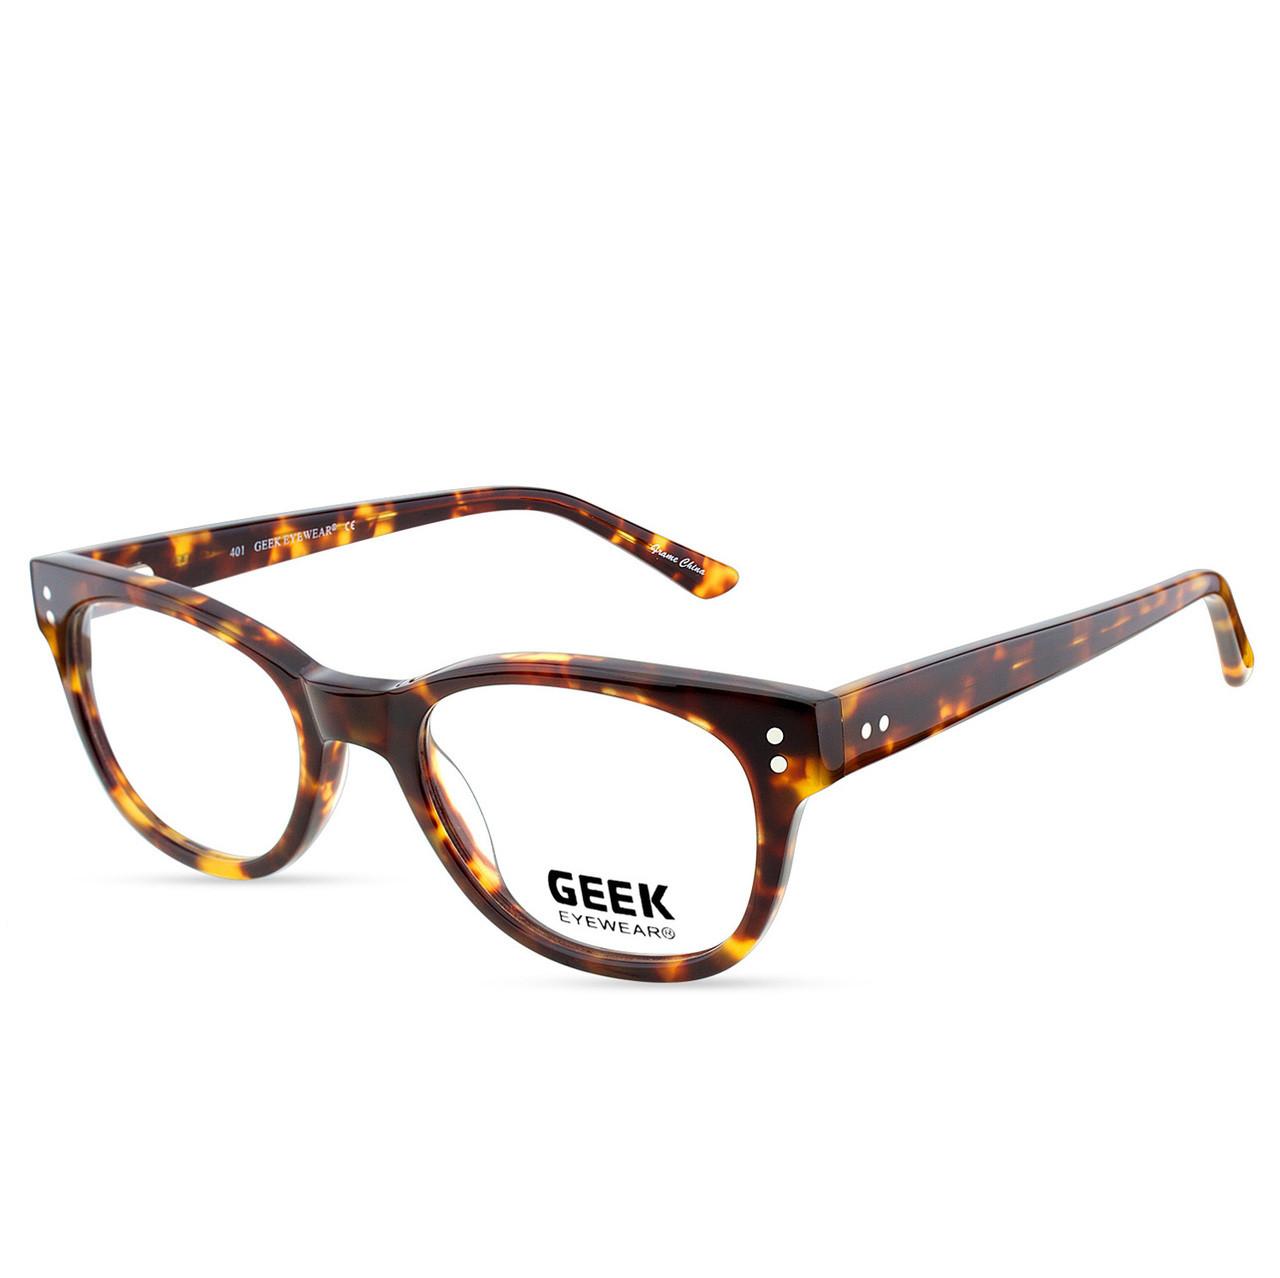 GEEK Eyewear GEEK 401 Tortoise